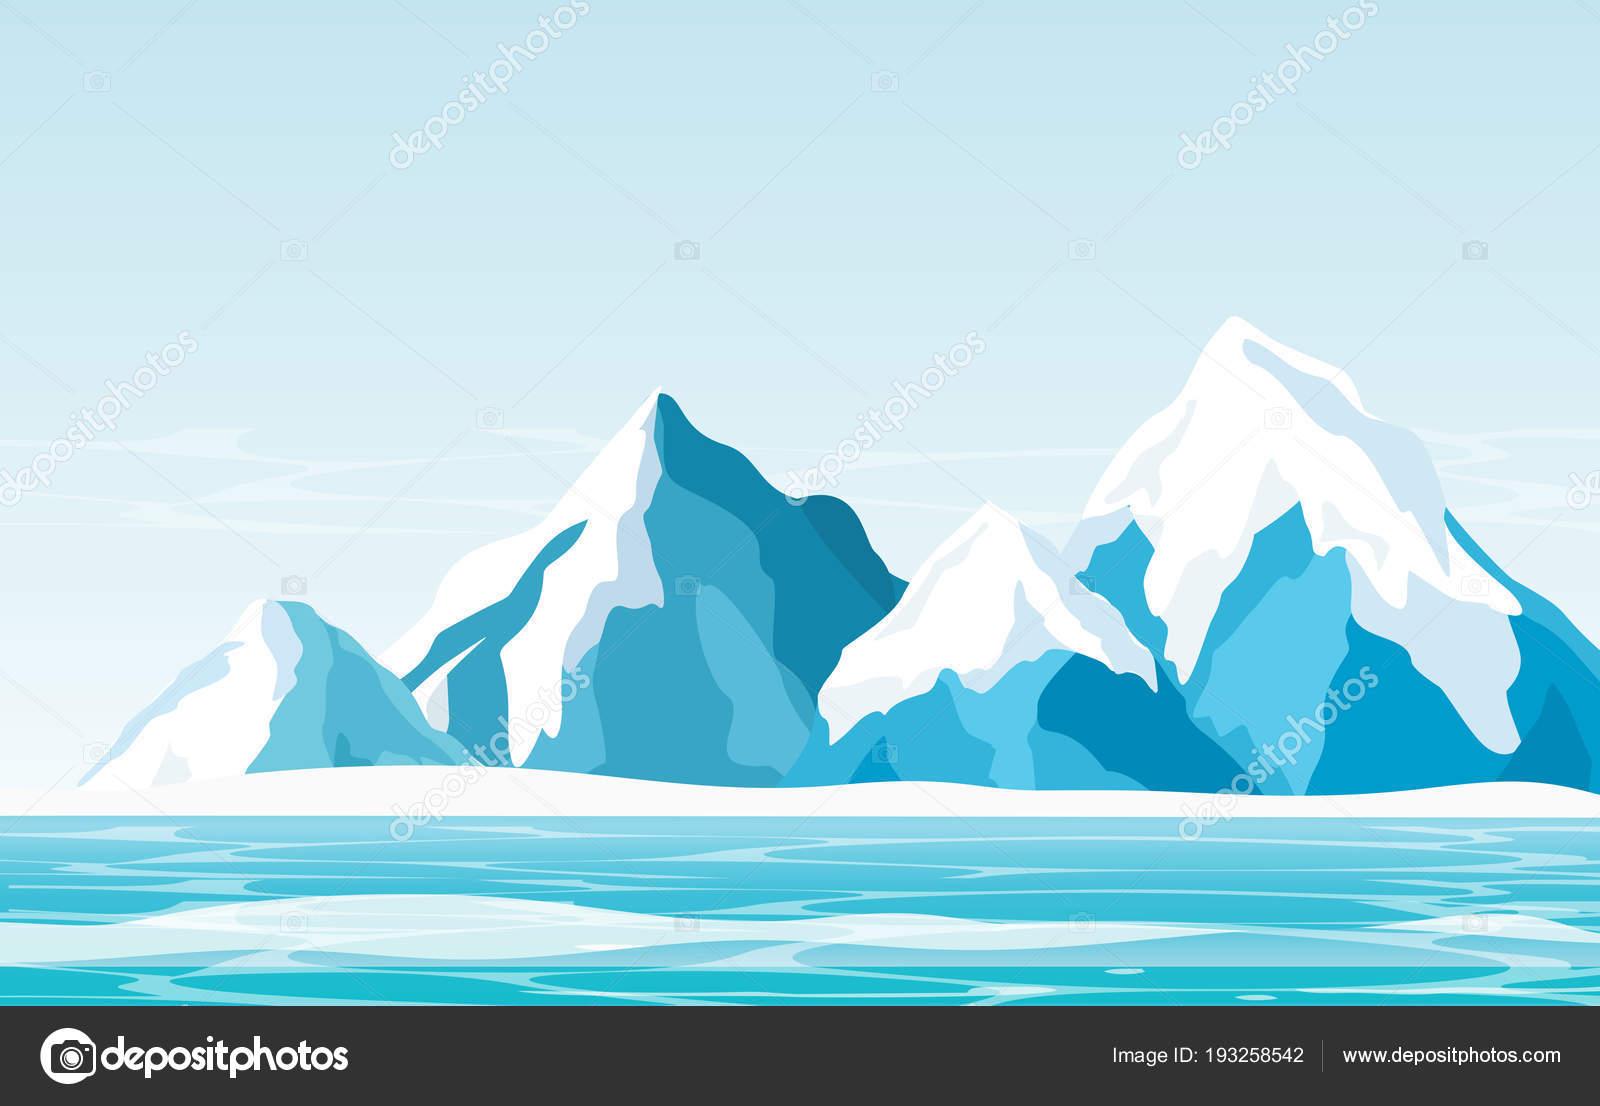 氷海フラット スタイルの明るい空を背景に雪山のベクトル イラスト